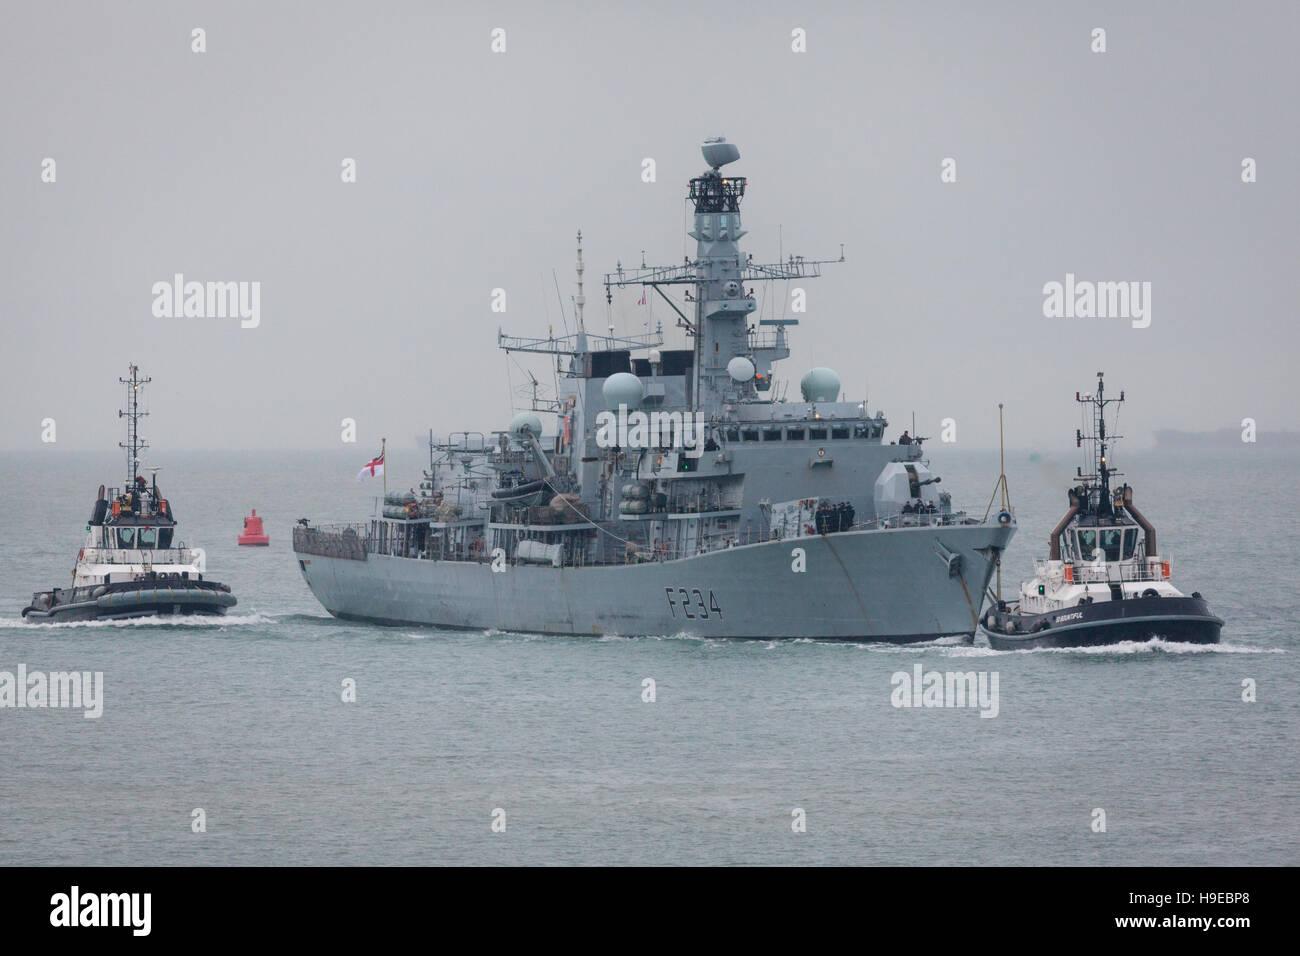 Type 23 Frigate, HMS Iron Duke returning to Portsmouth Naval Base - Stock Image